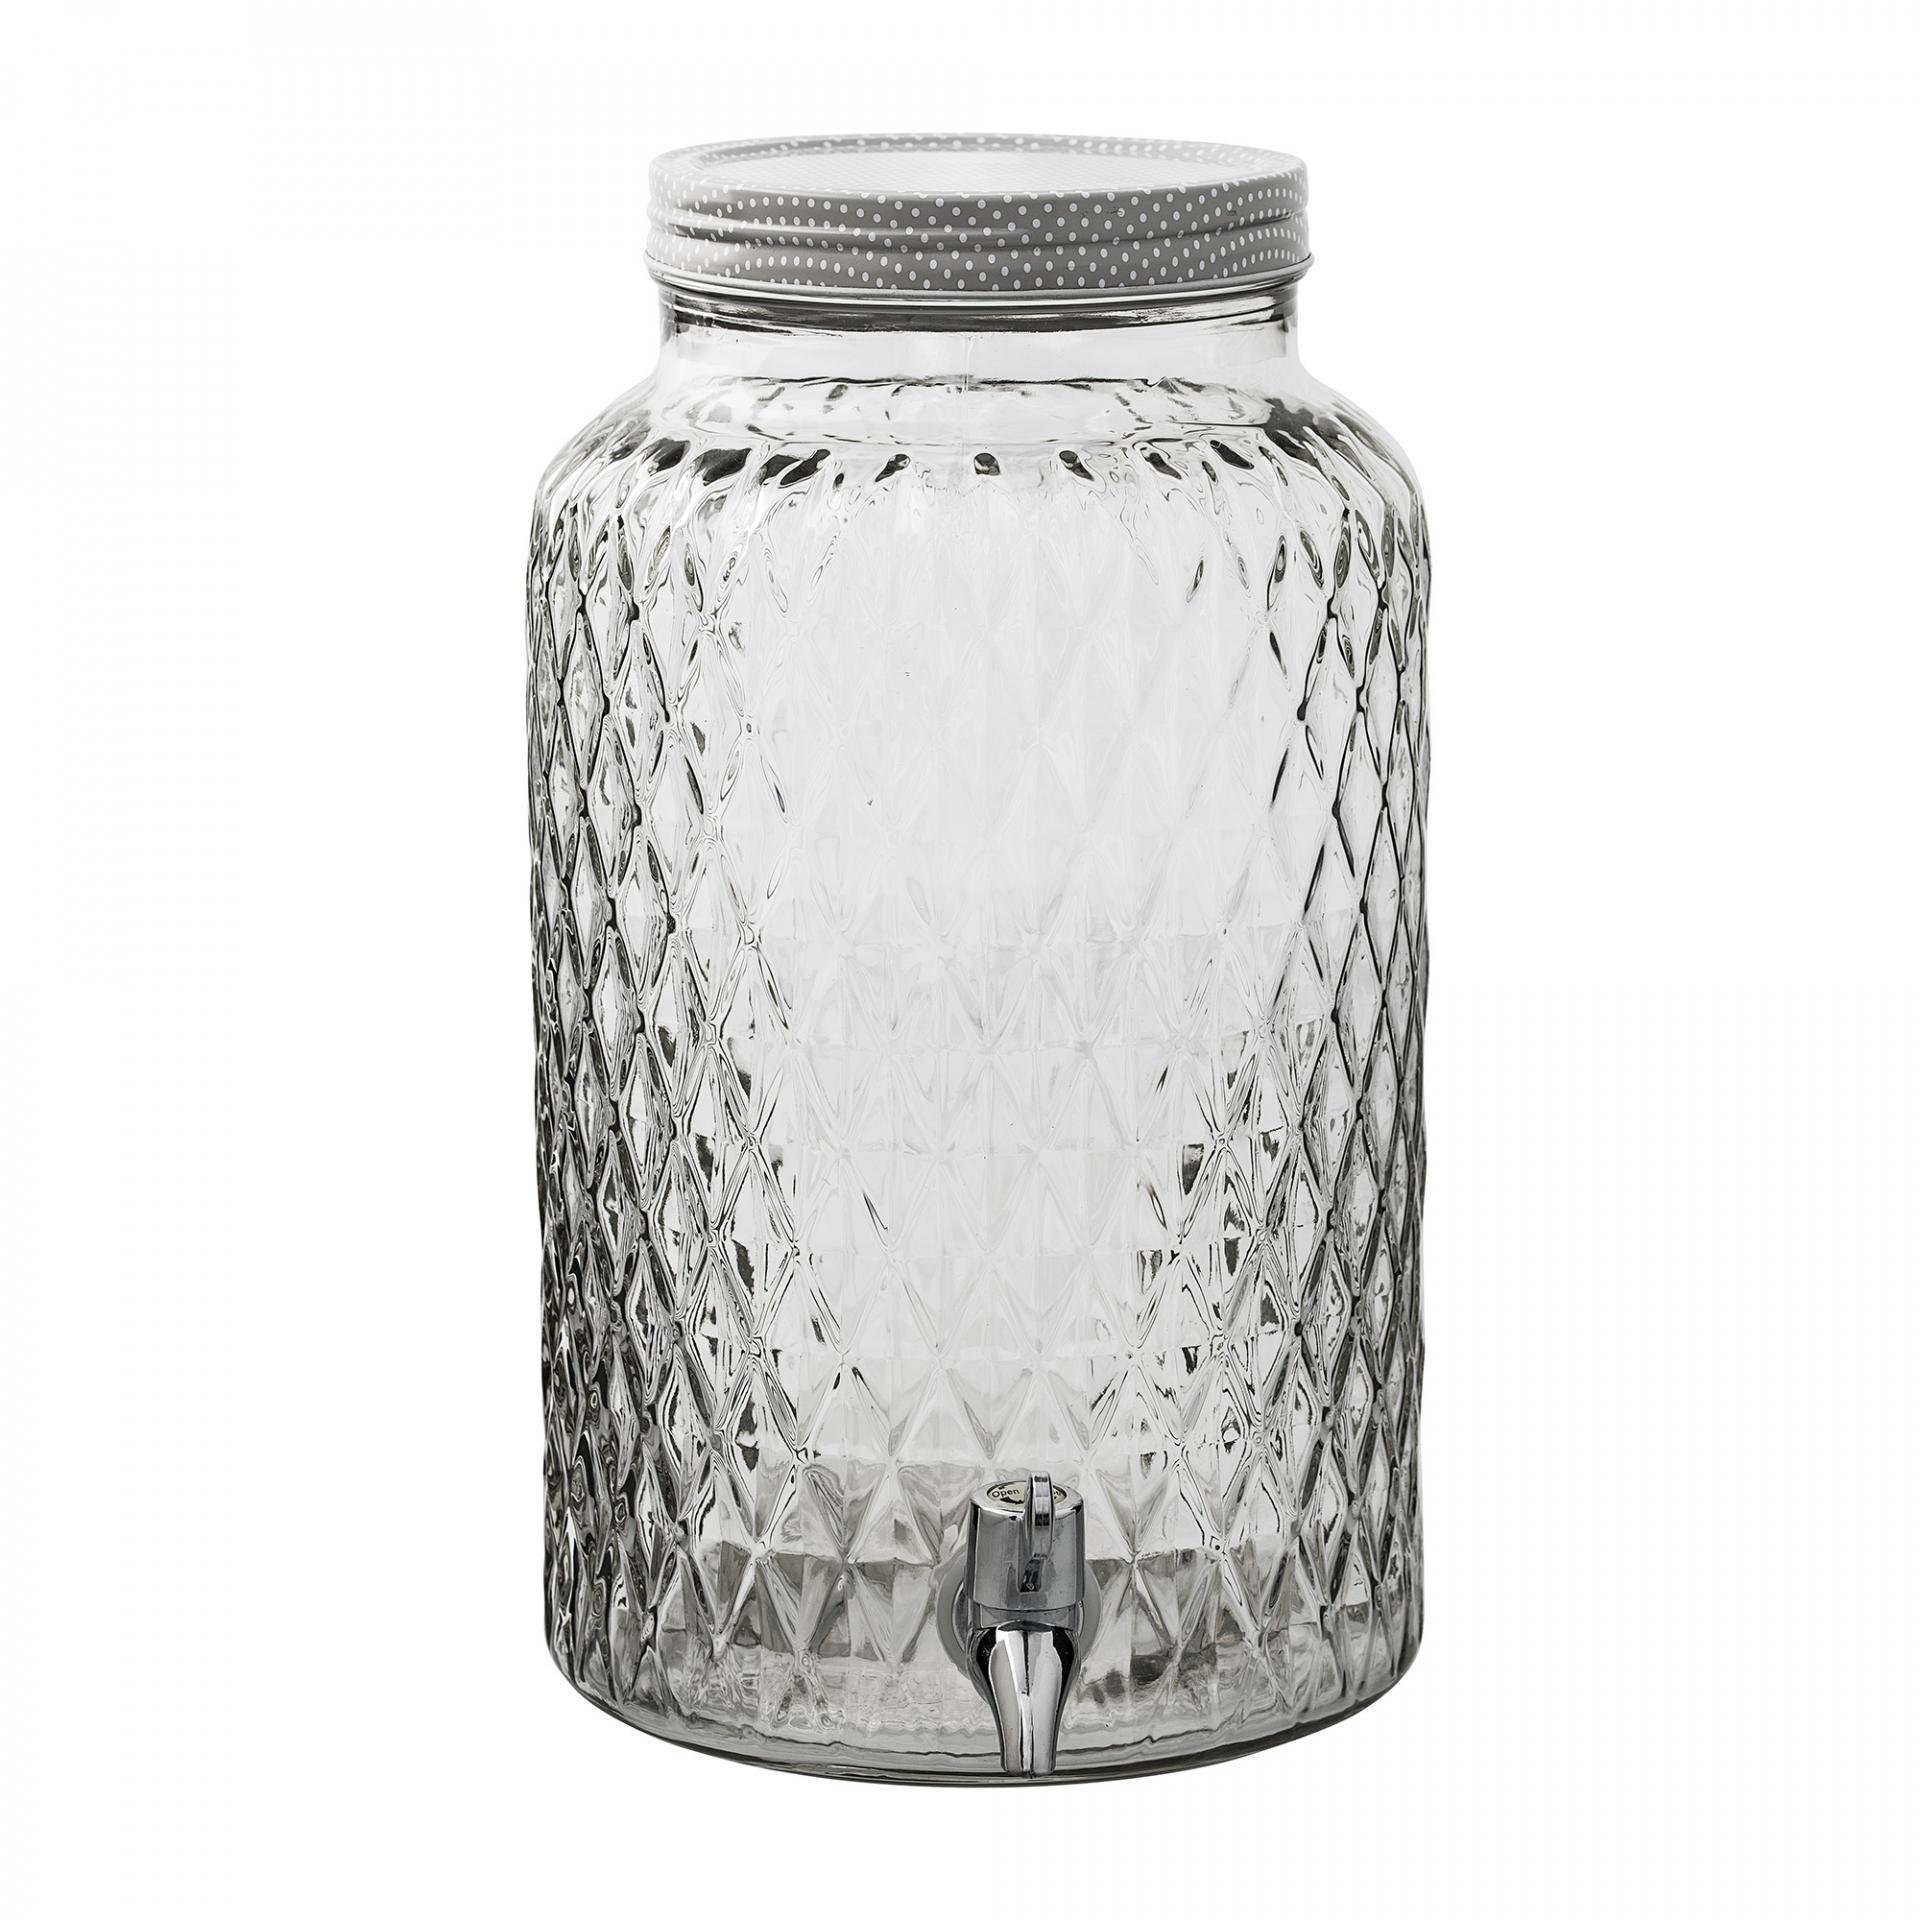 Bloomingville Skleněná nádoba na nápoje - 6 L, čirá barva, sklo